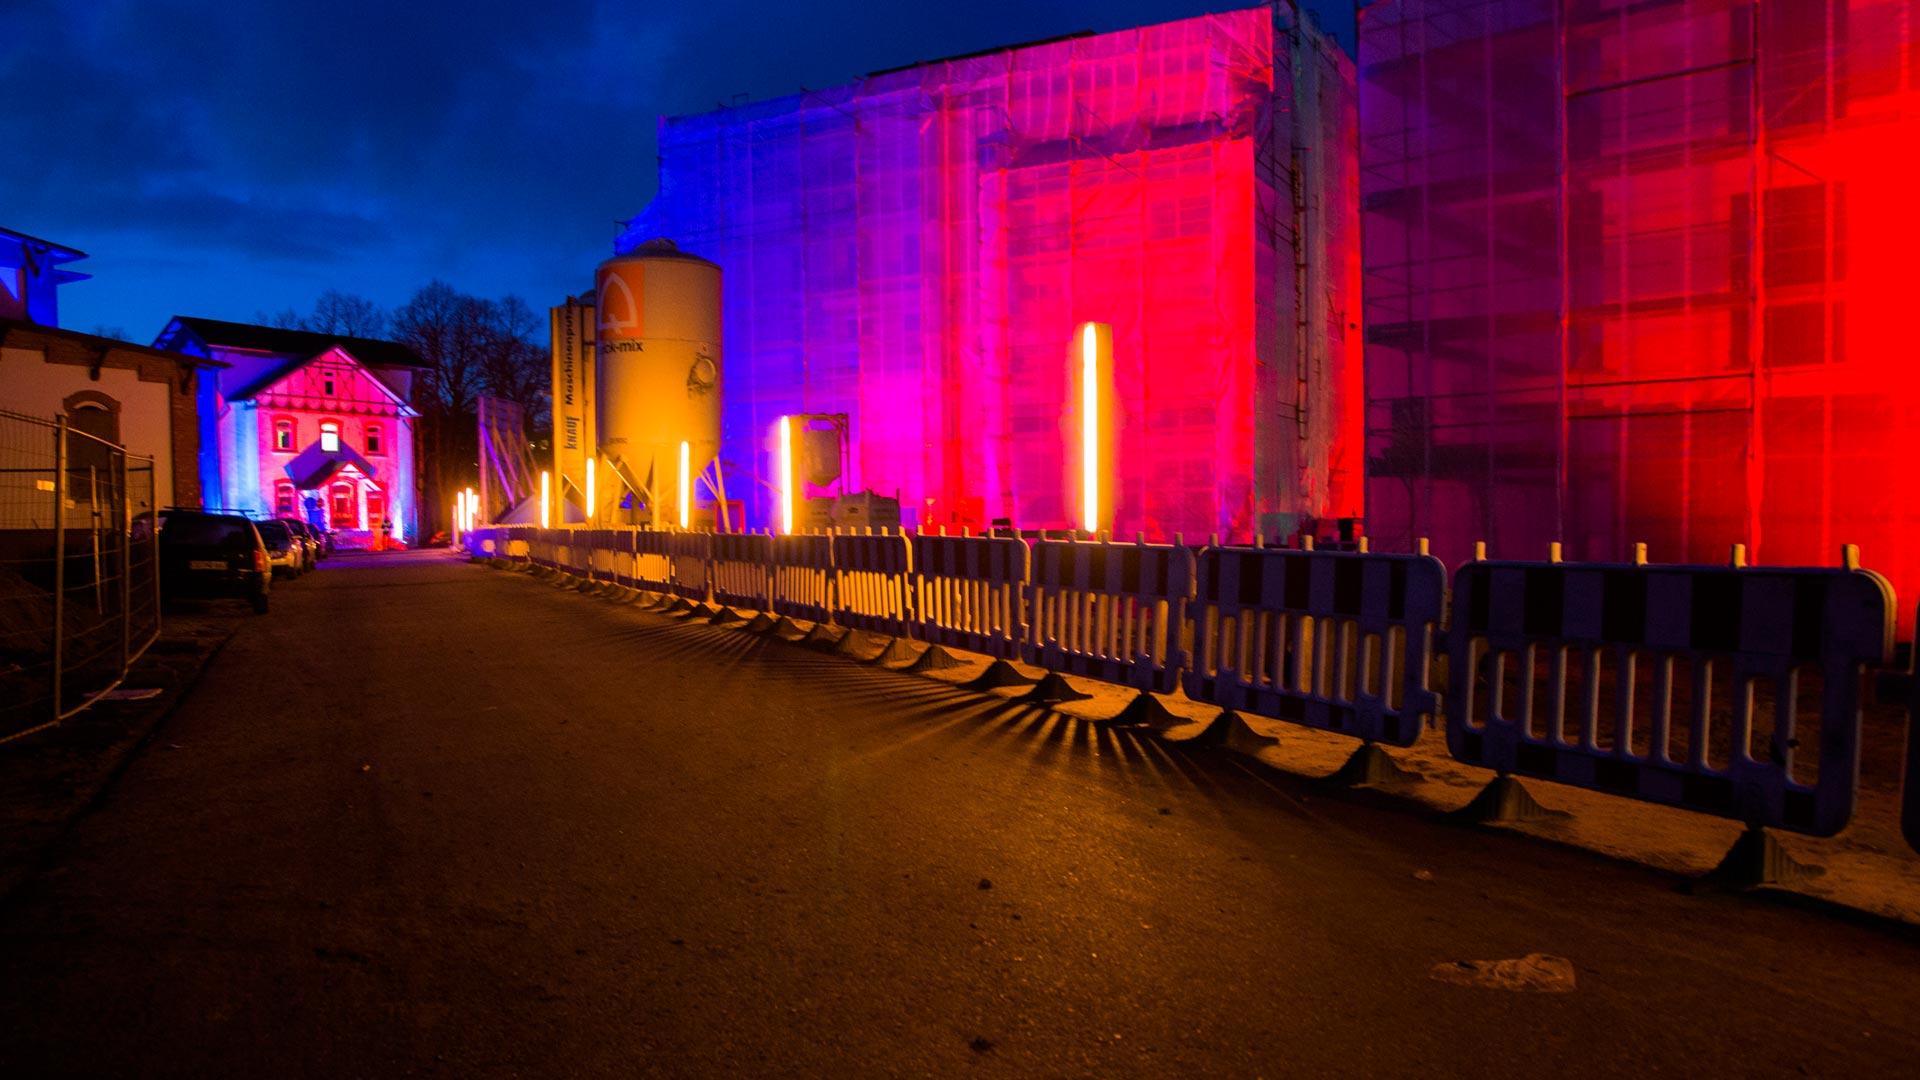 MAASS-Lichtplanung_Lichtevent im Park UNTER DEN LINDEN HAMBURG__MAASS-Lichtzauber-000